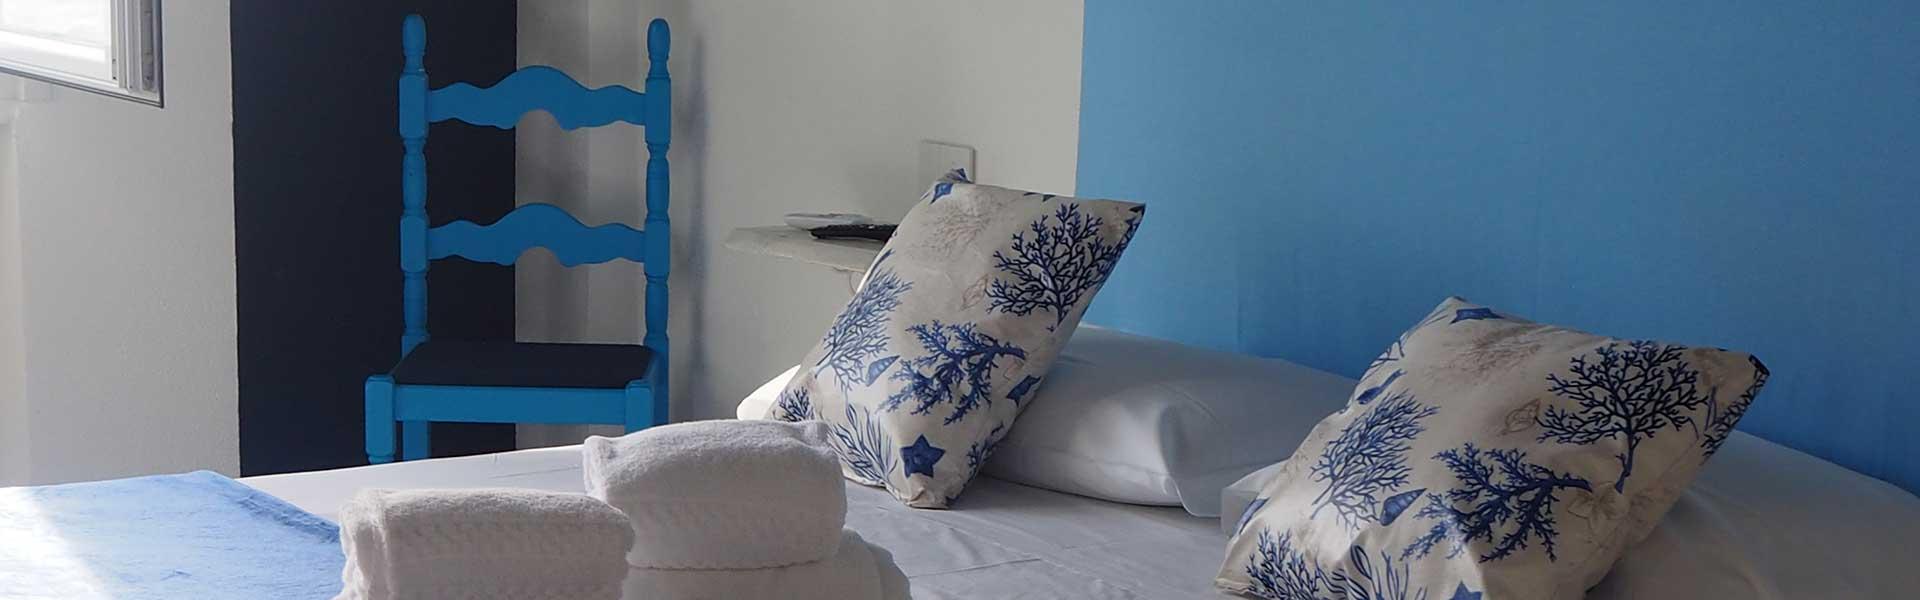 Adelaide room